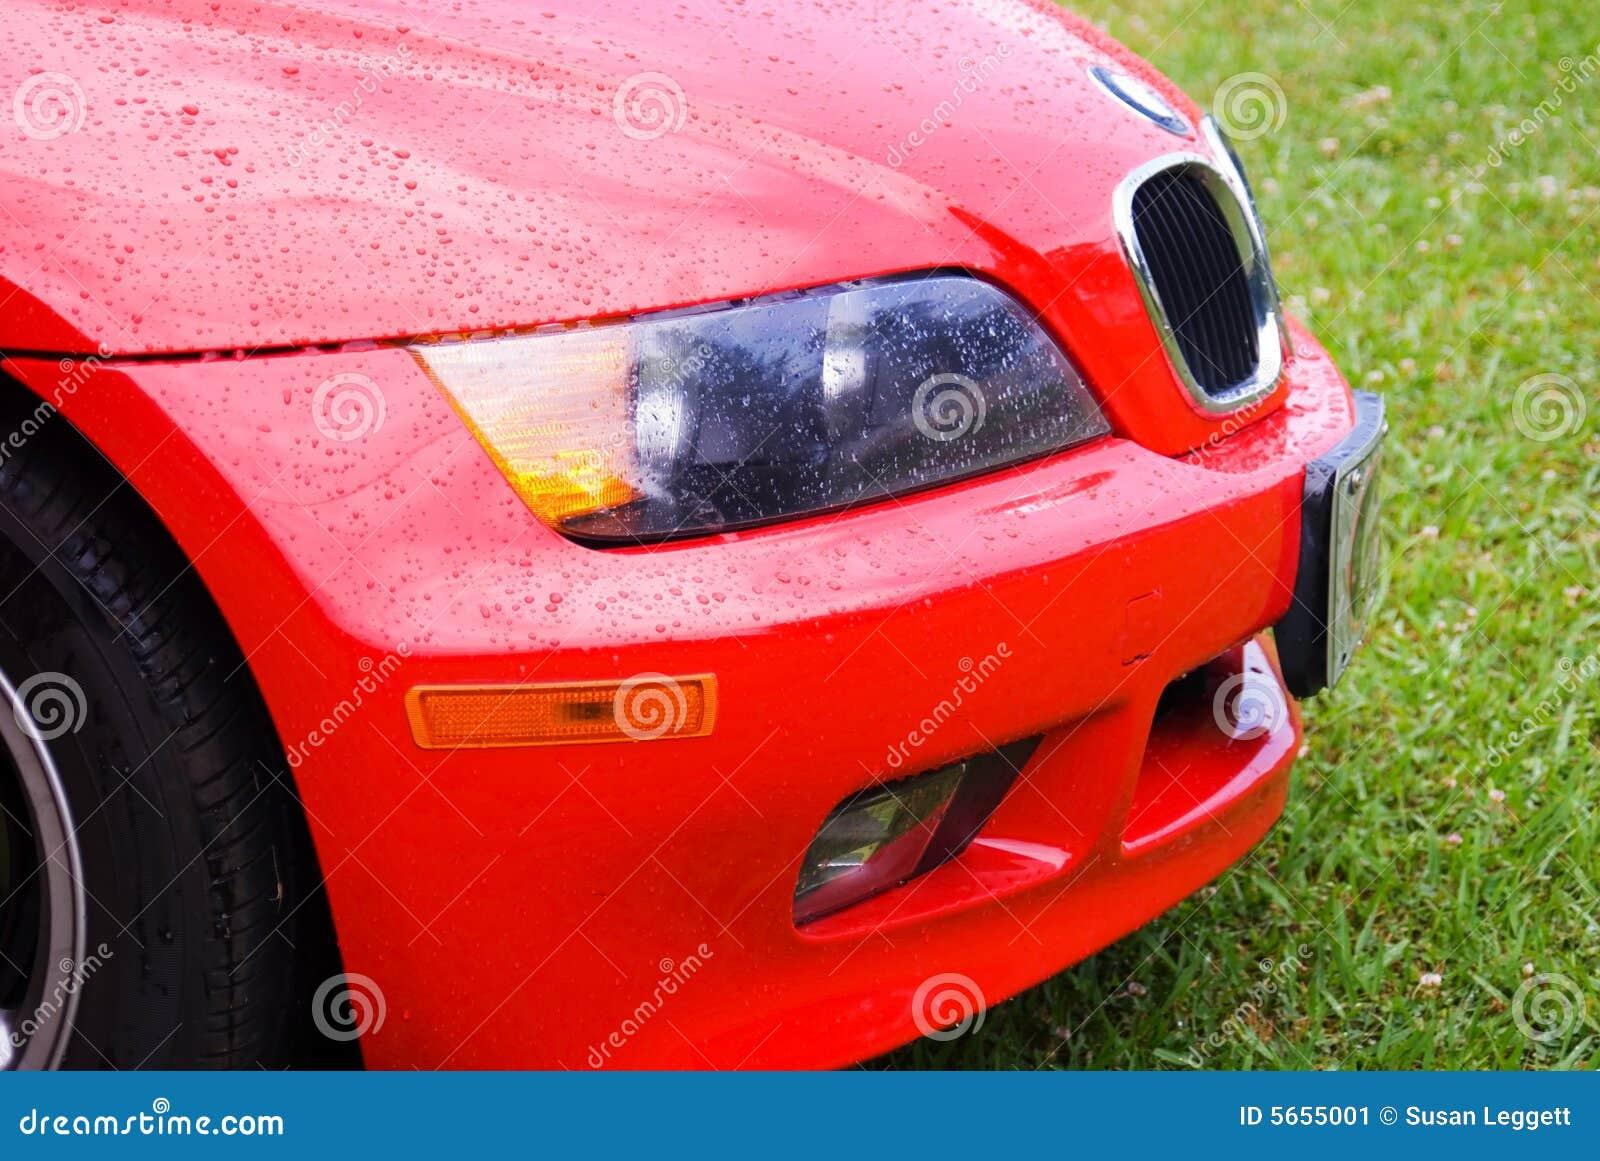 Chuva em um carro vermelho